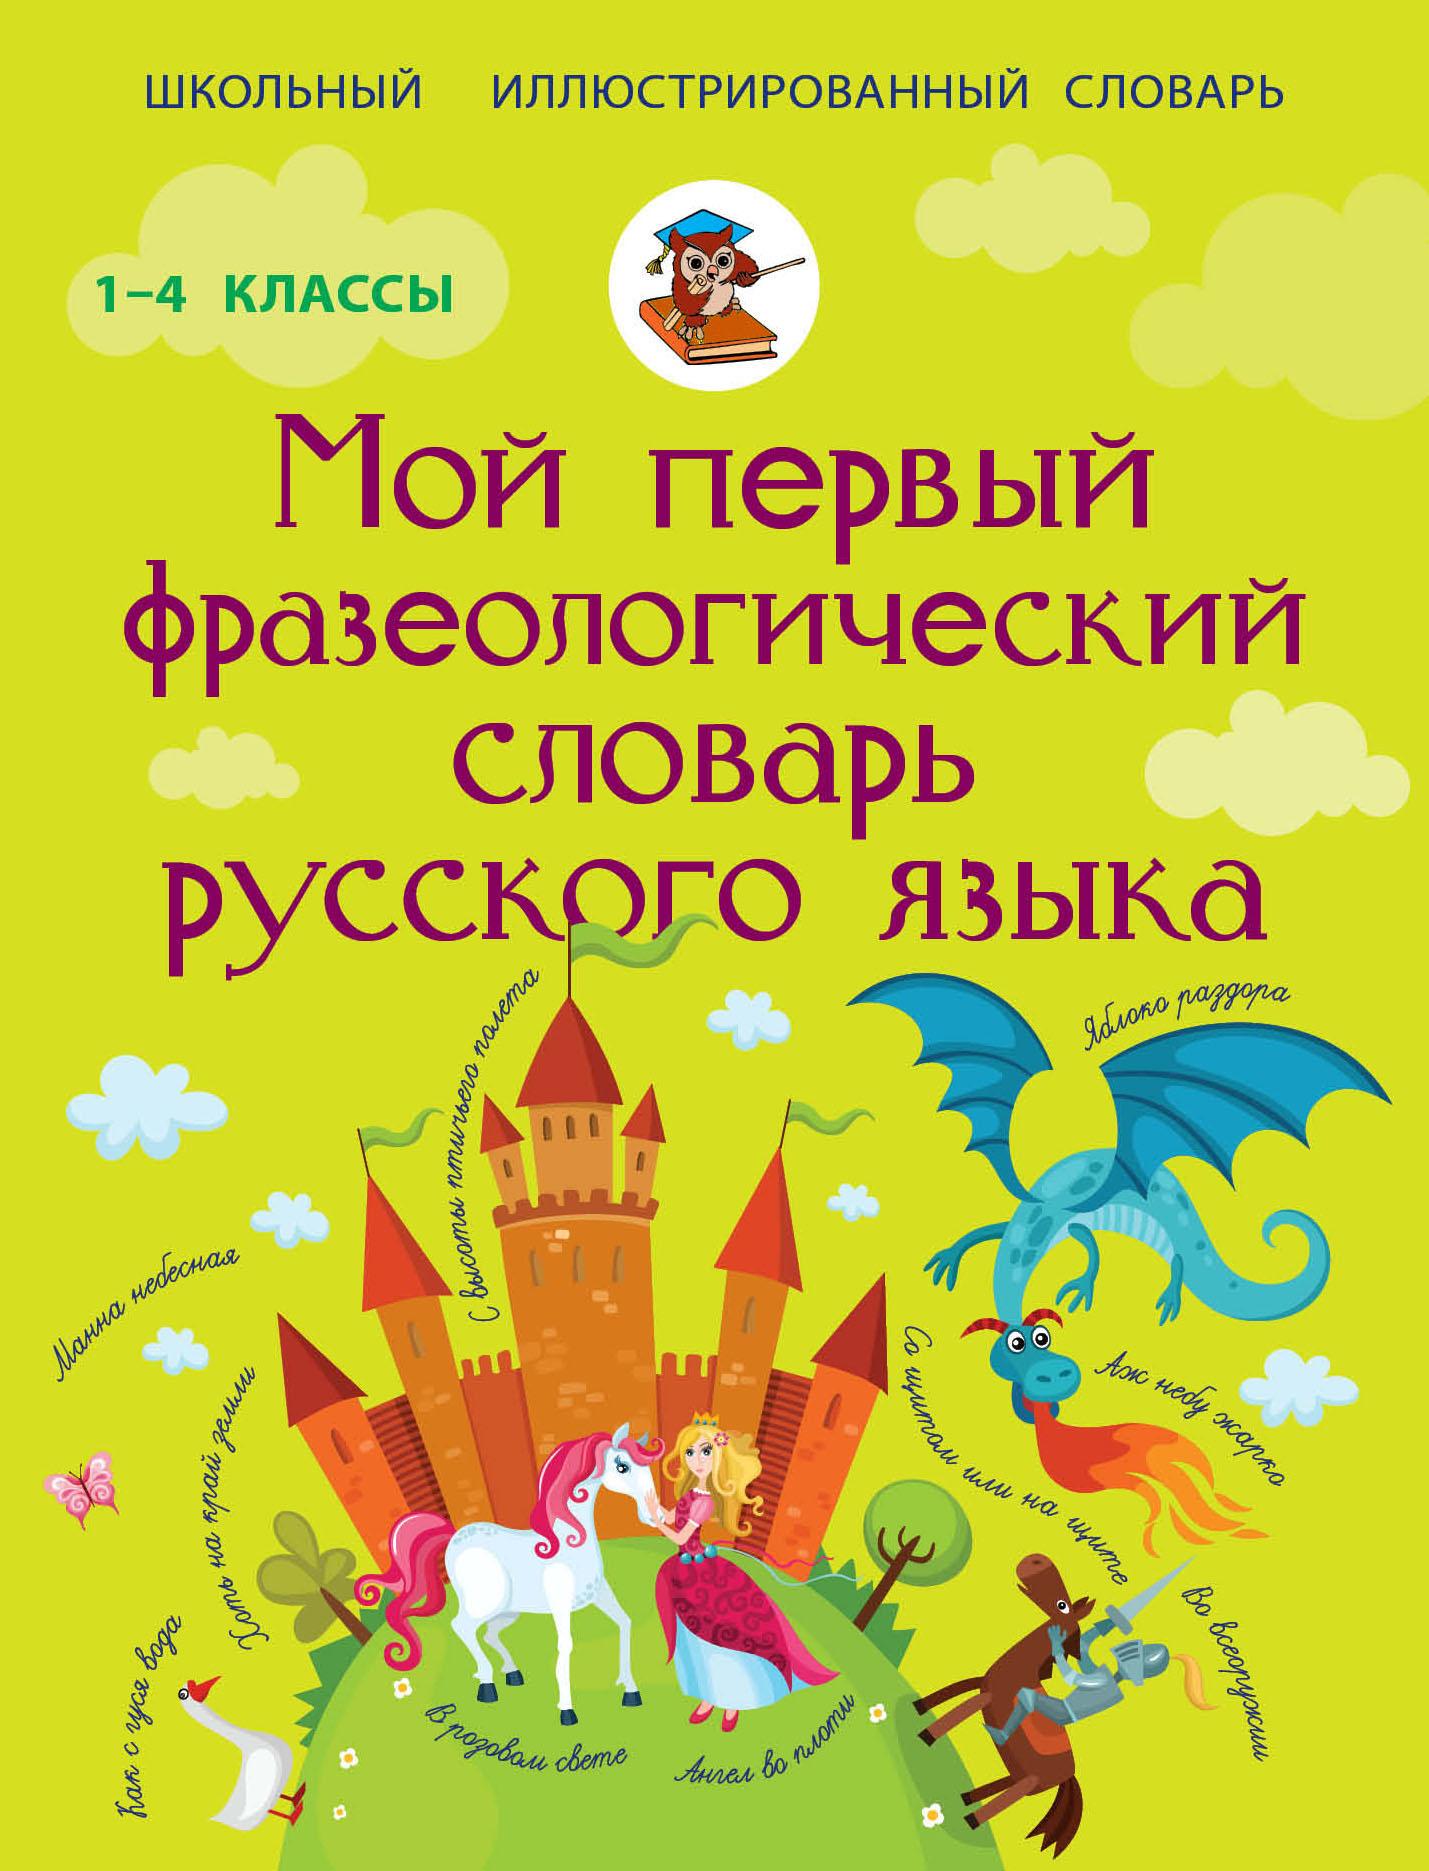 Мой первый фразеологический словарь русского языка. 1-4 классы